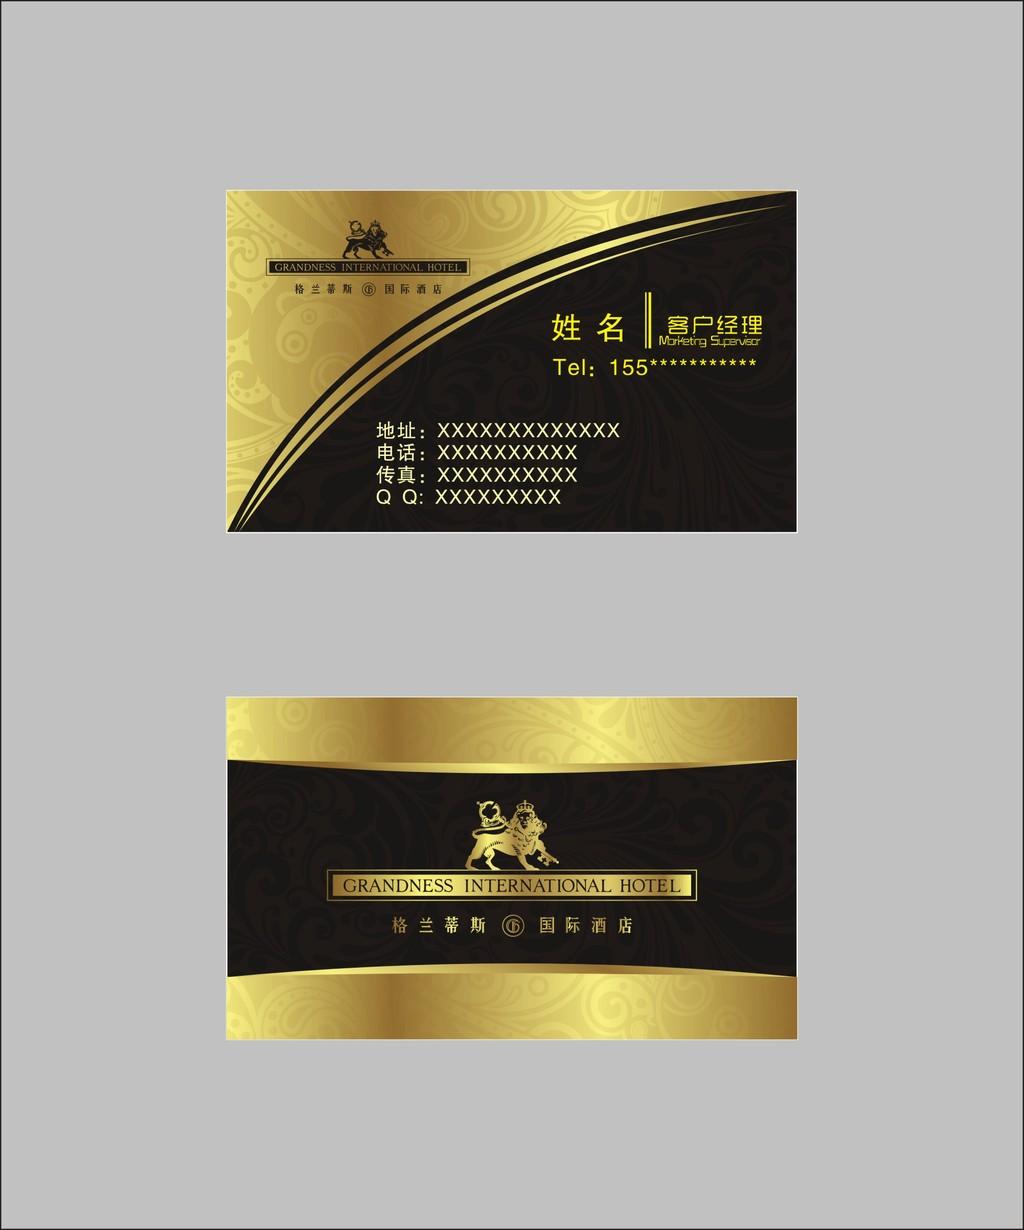 酒店金色名片模板